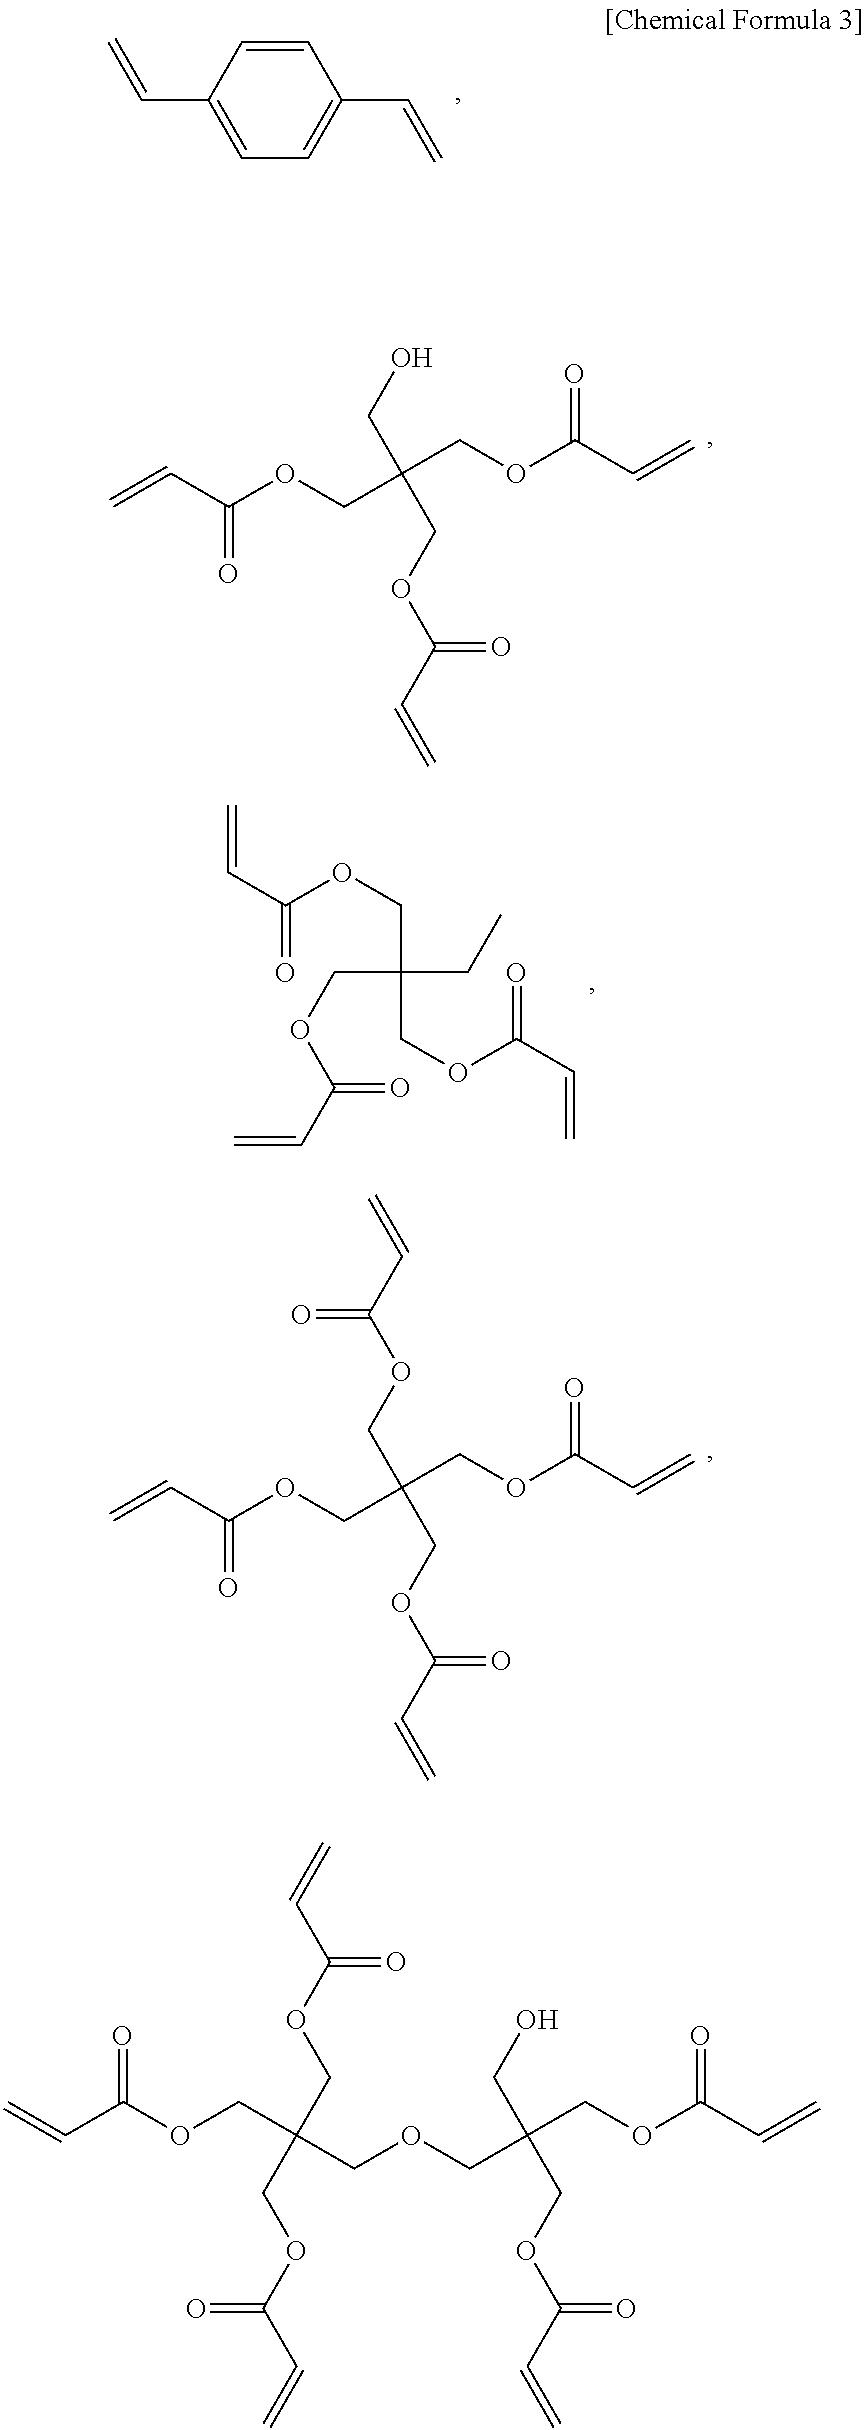 Figure US20110105636A1-20110505-C00007